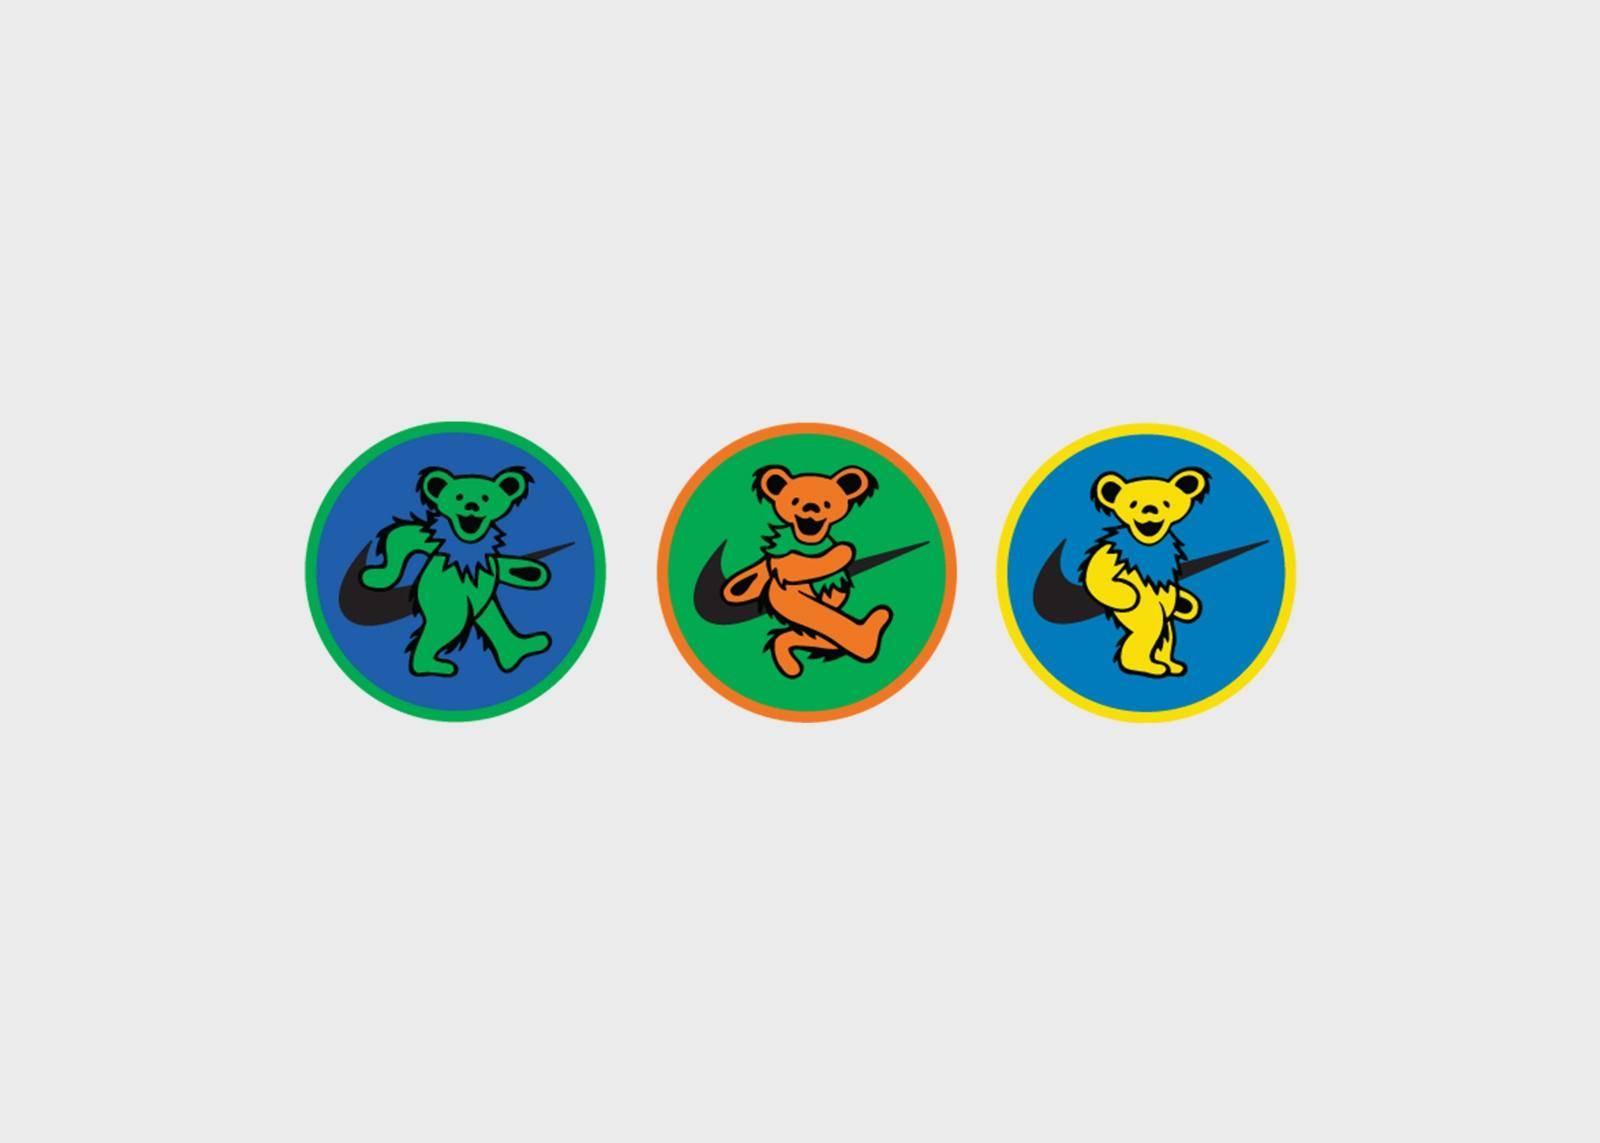 Conoce los 3 modelos de tenis de Grateful Dead x Nike con una bolsa oculta (¿Para marihuana?) 1